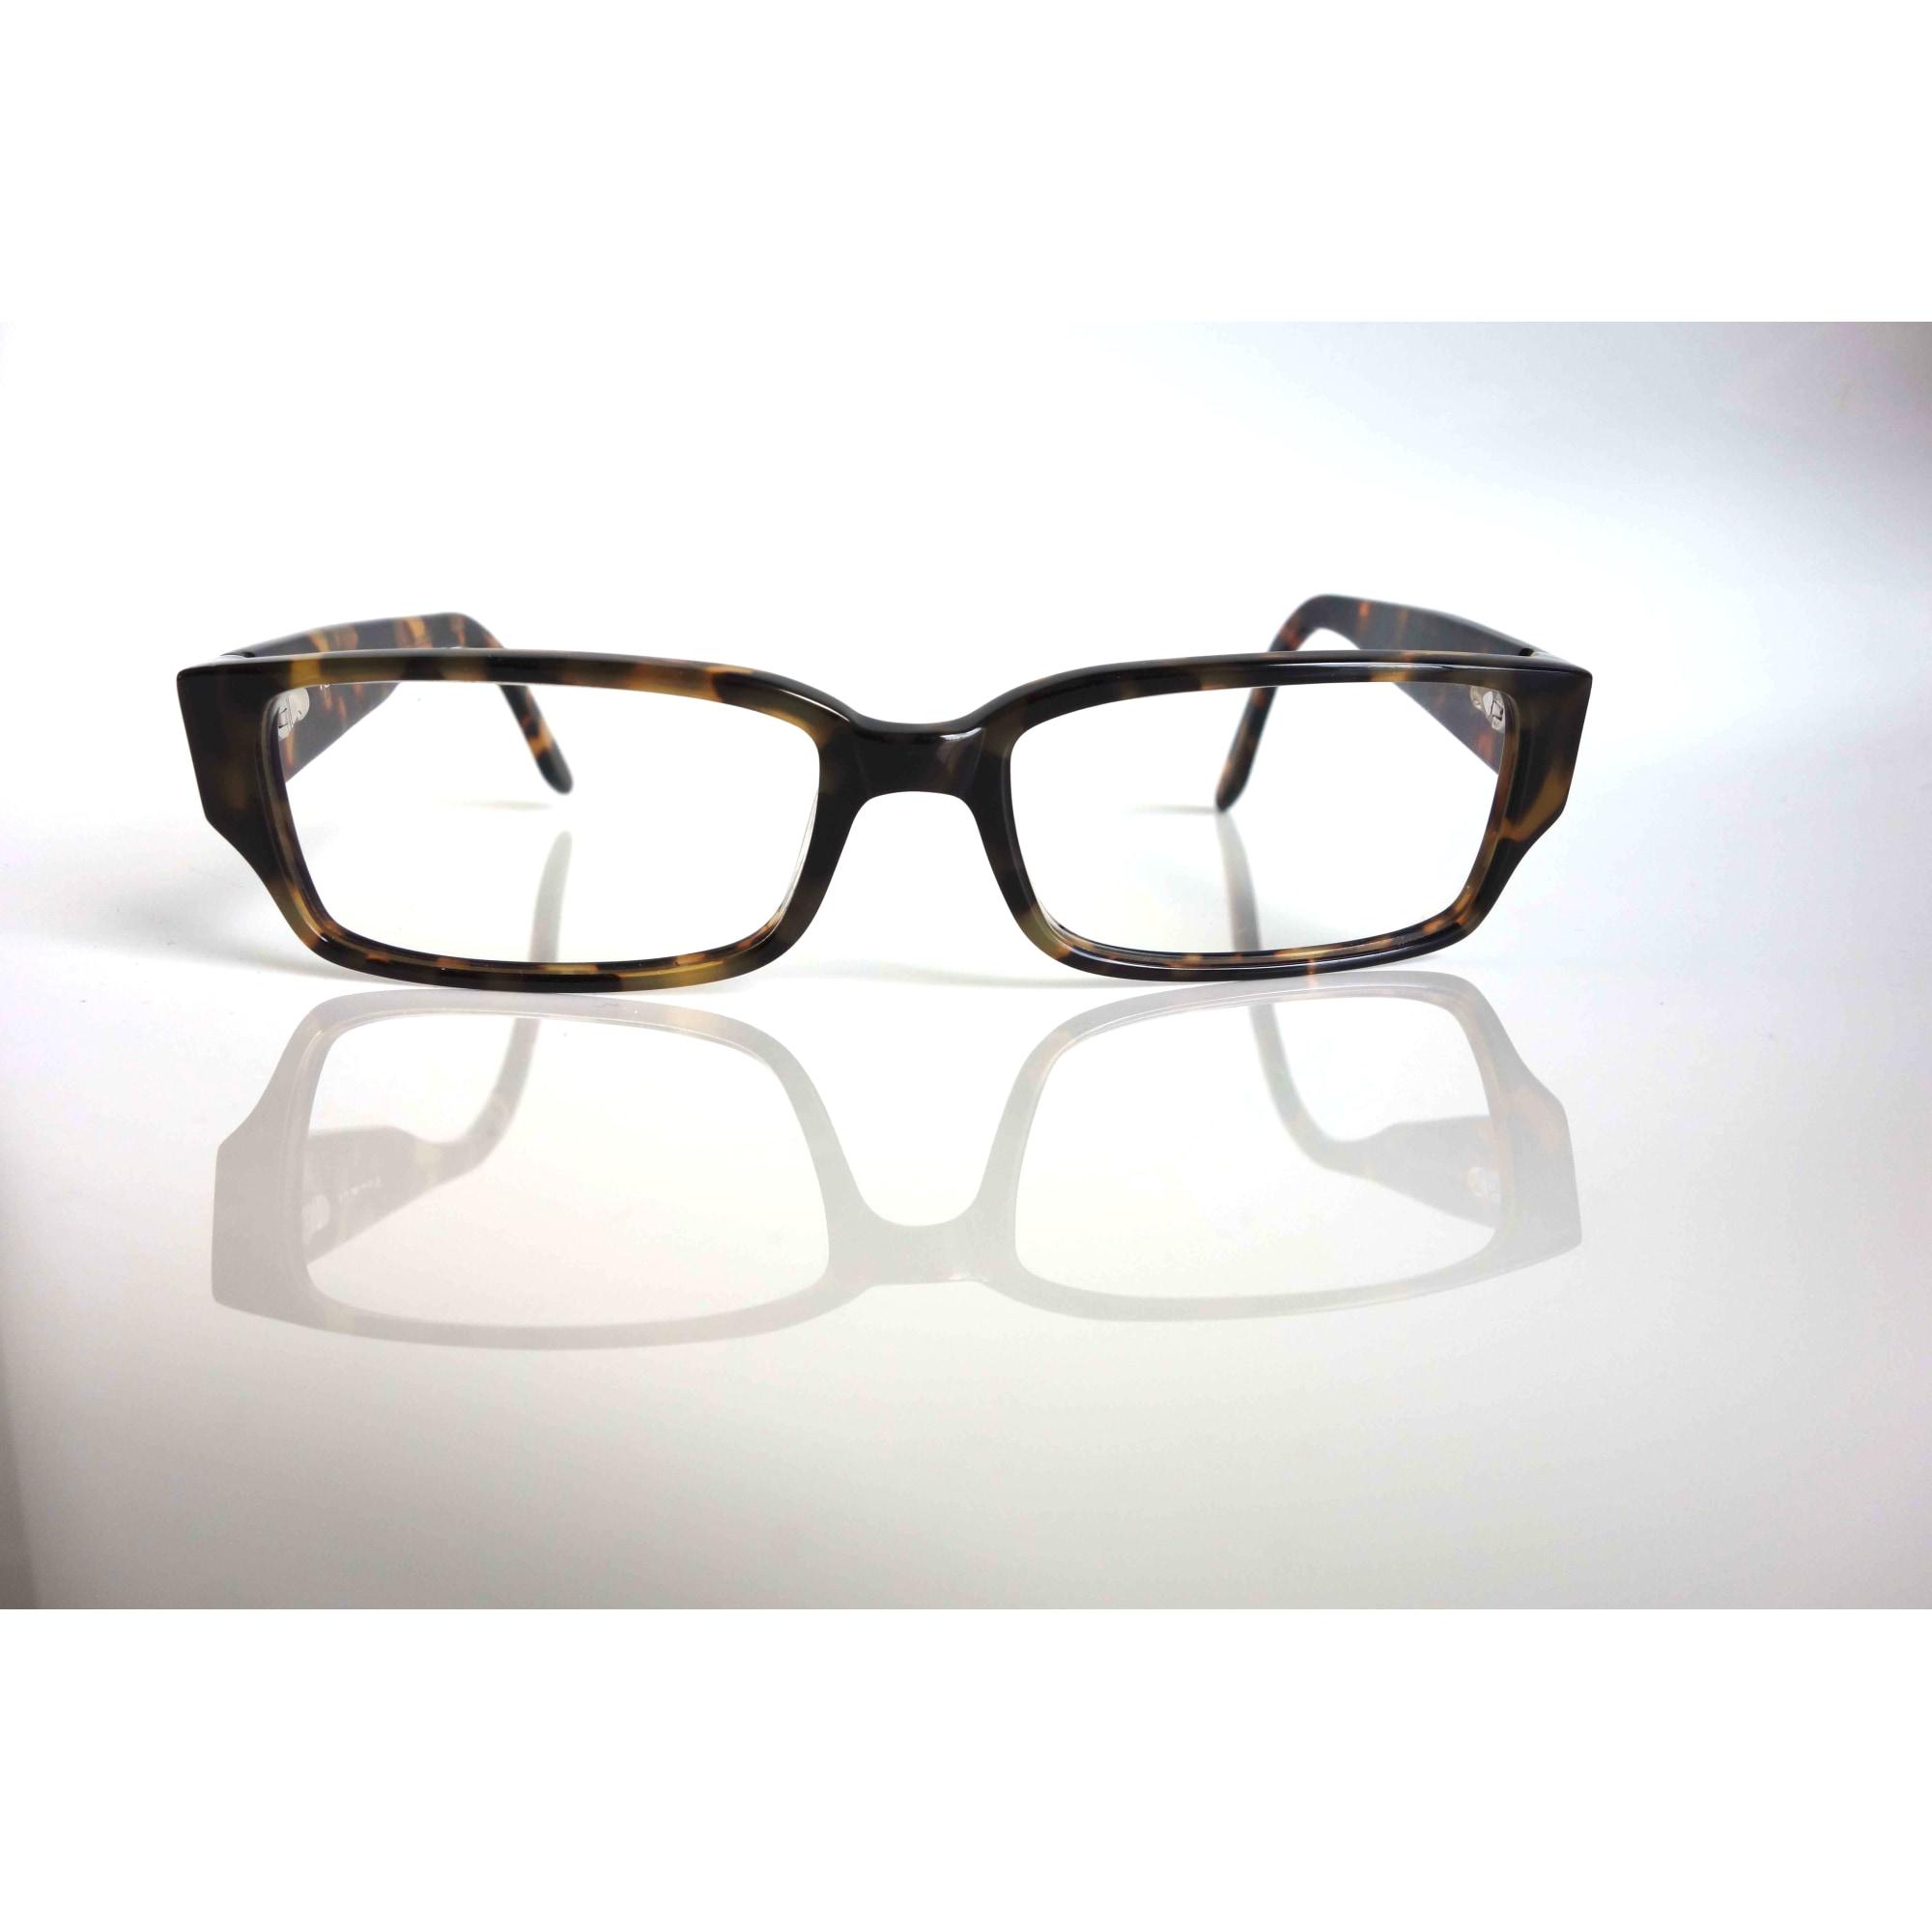 Monture de lunettes LUKKAS ecaille marron foncé et miel - 1604918 10ab5df09c1d